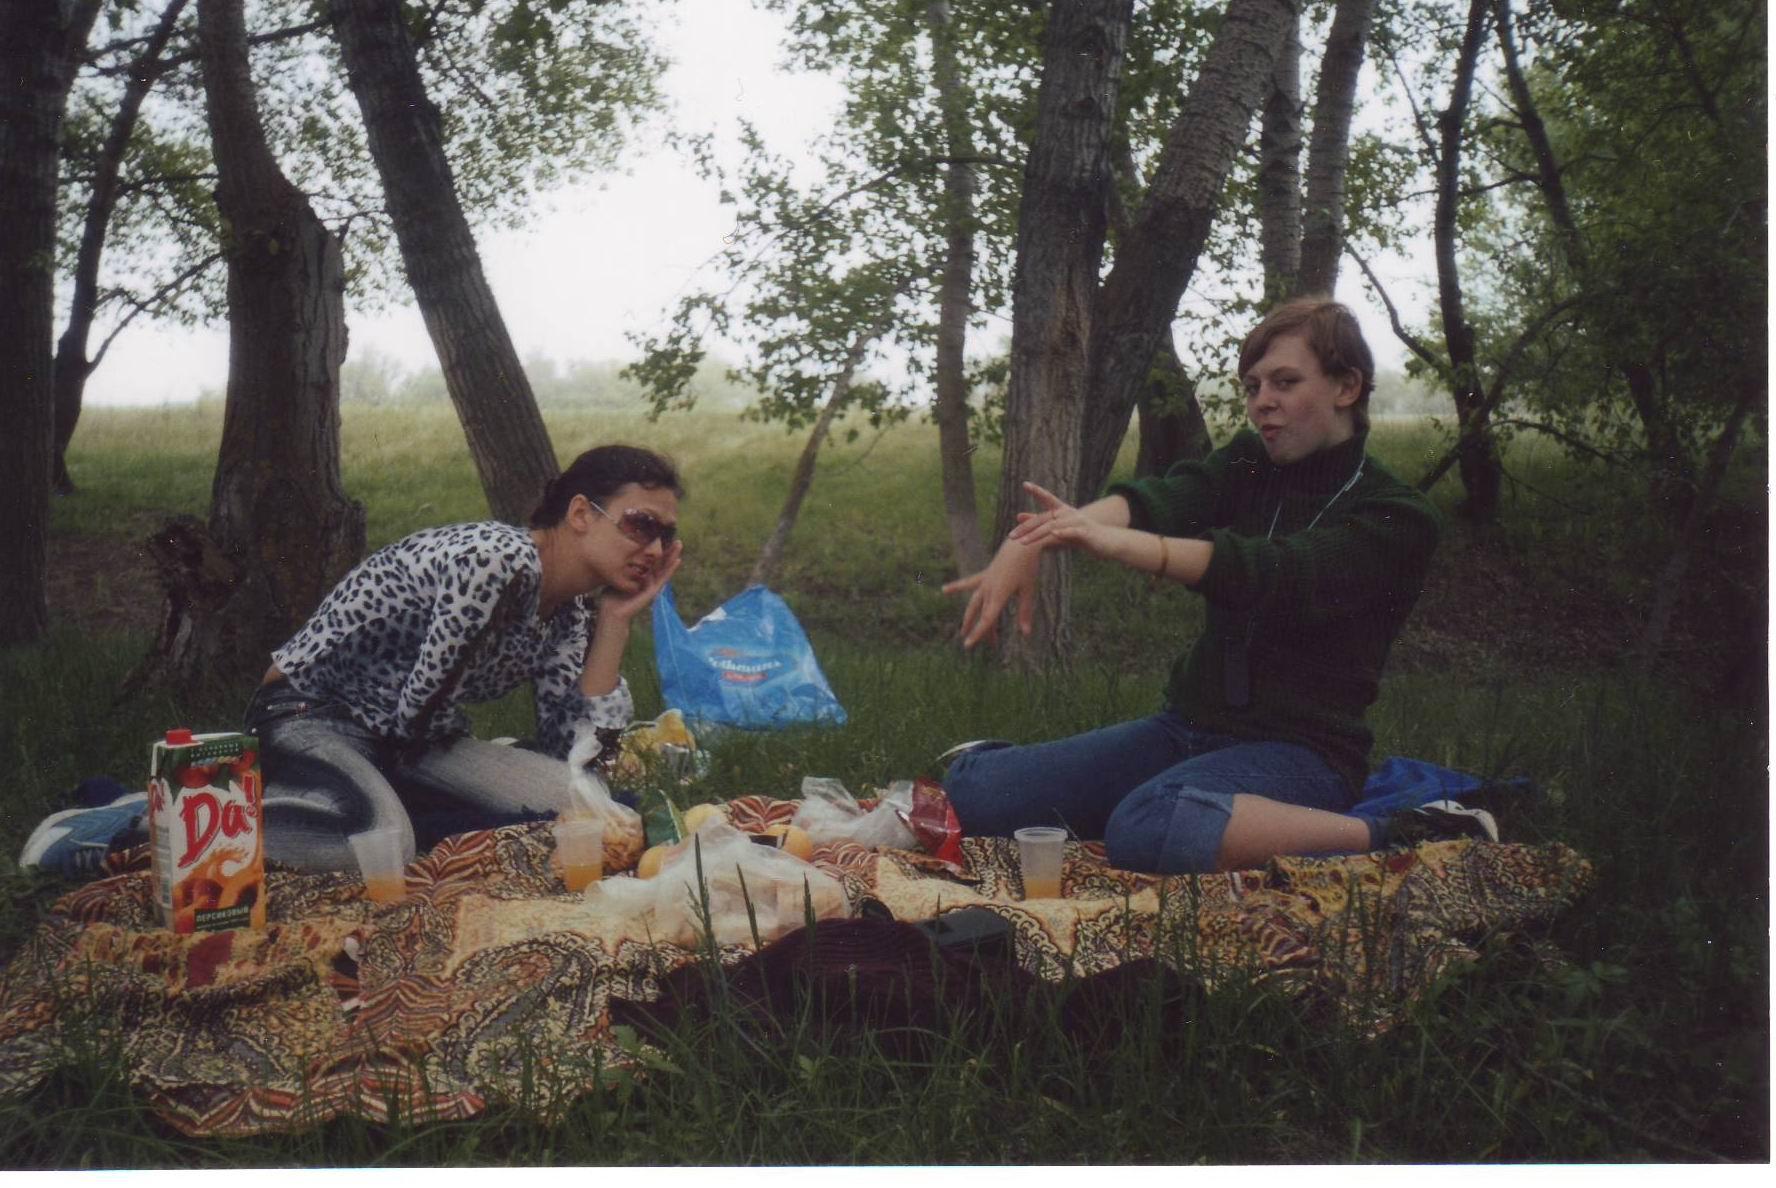 Фото пьянка на природе, Прикольные картинки про пьянку (47 фото) Прикольные 7 фотография